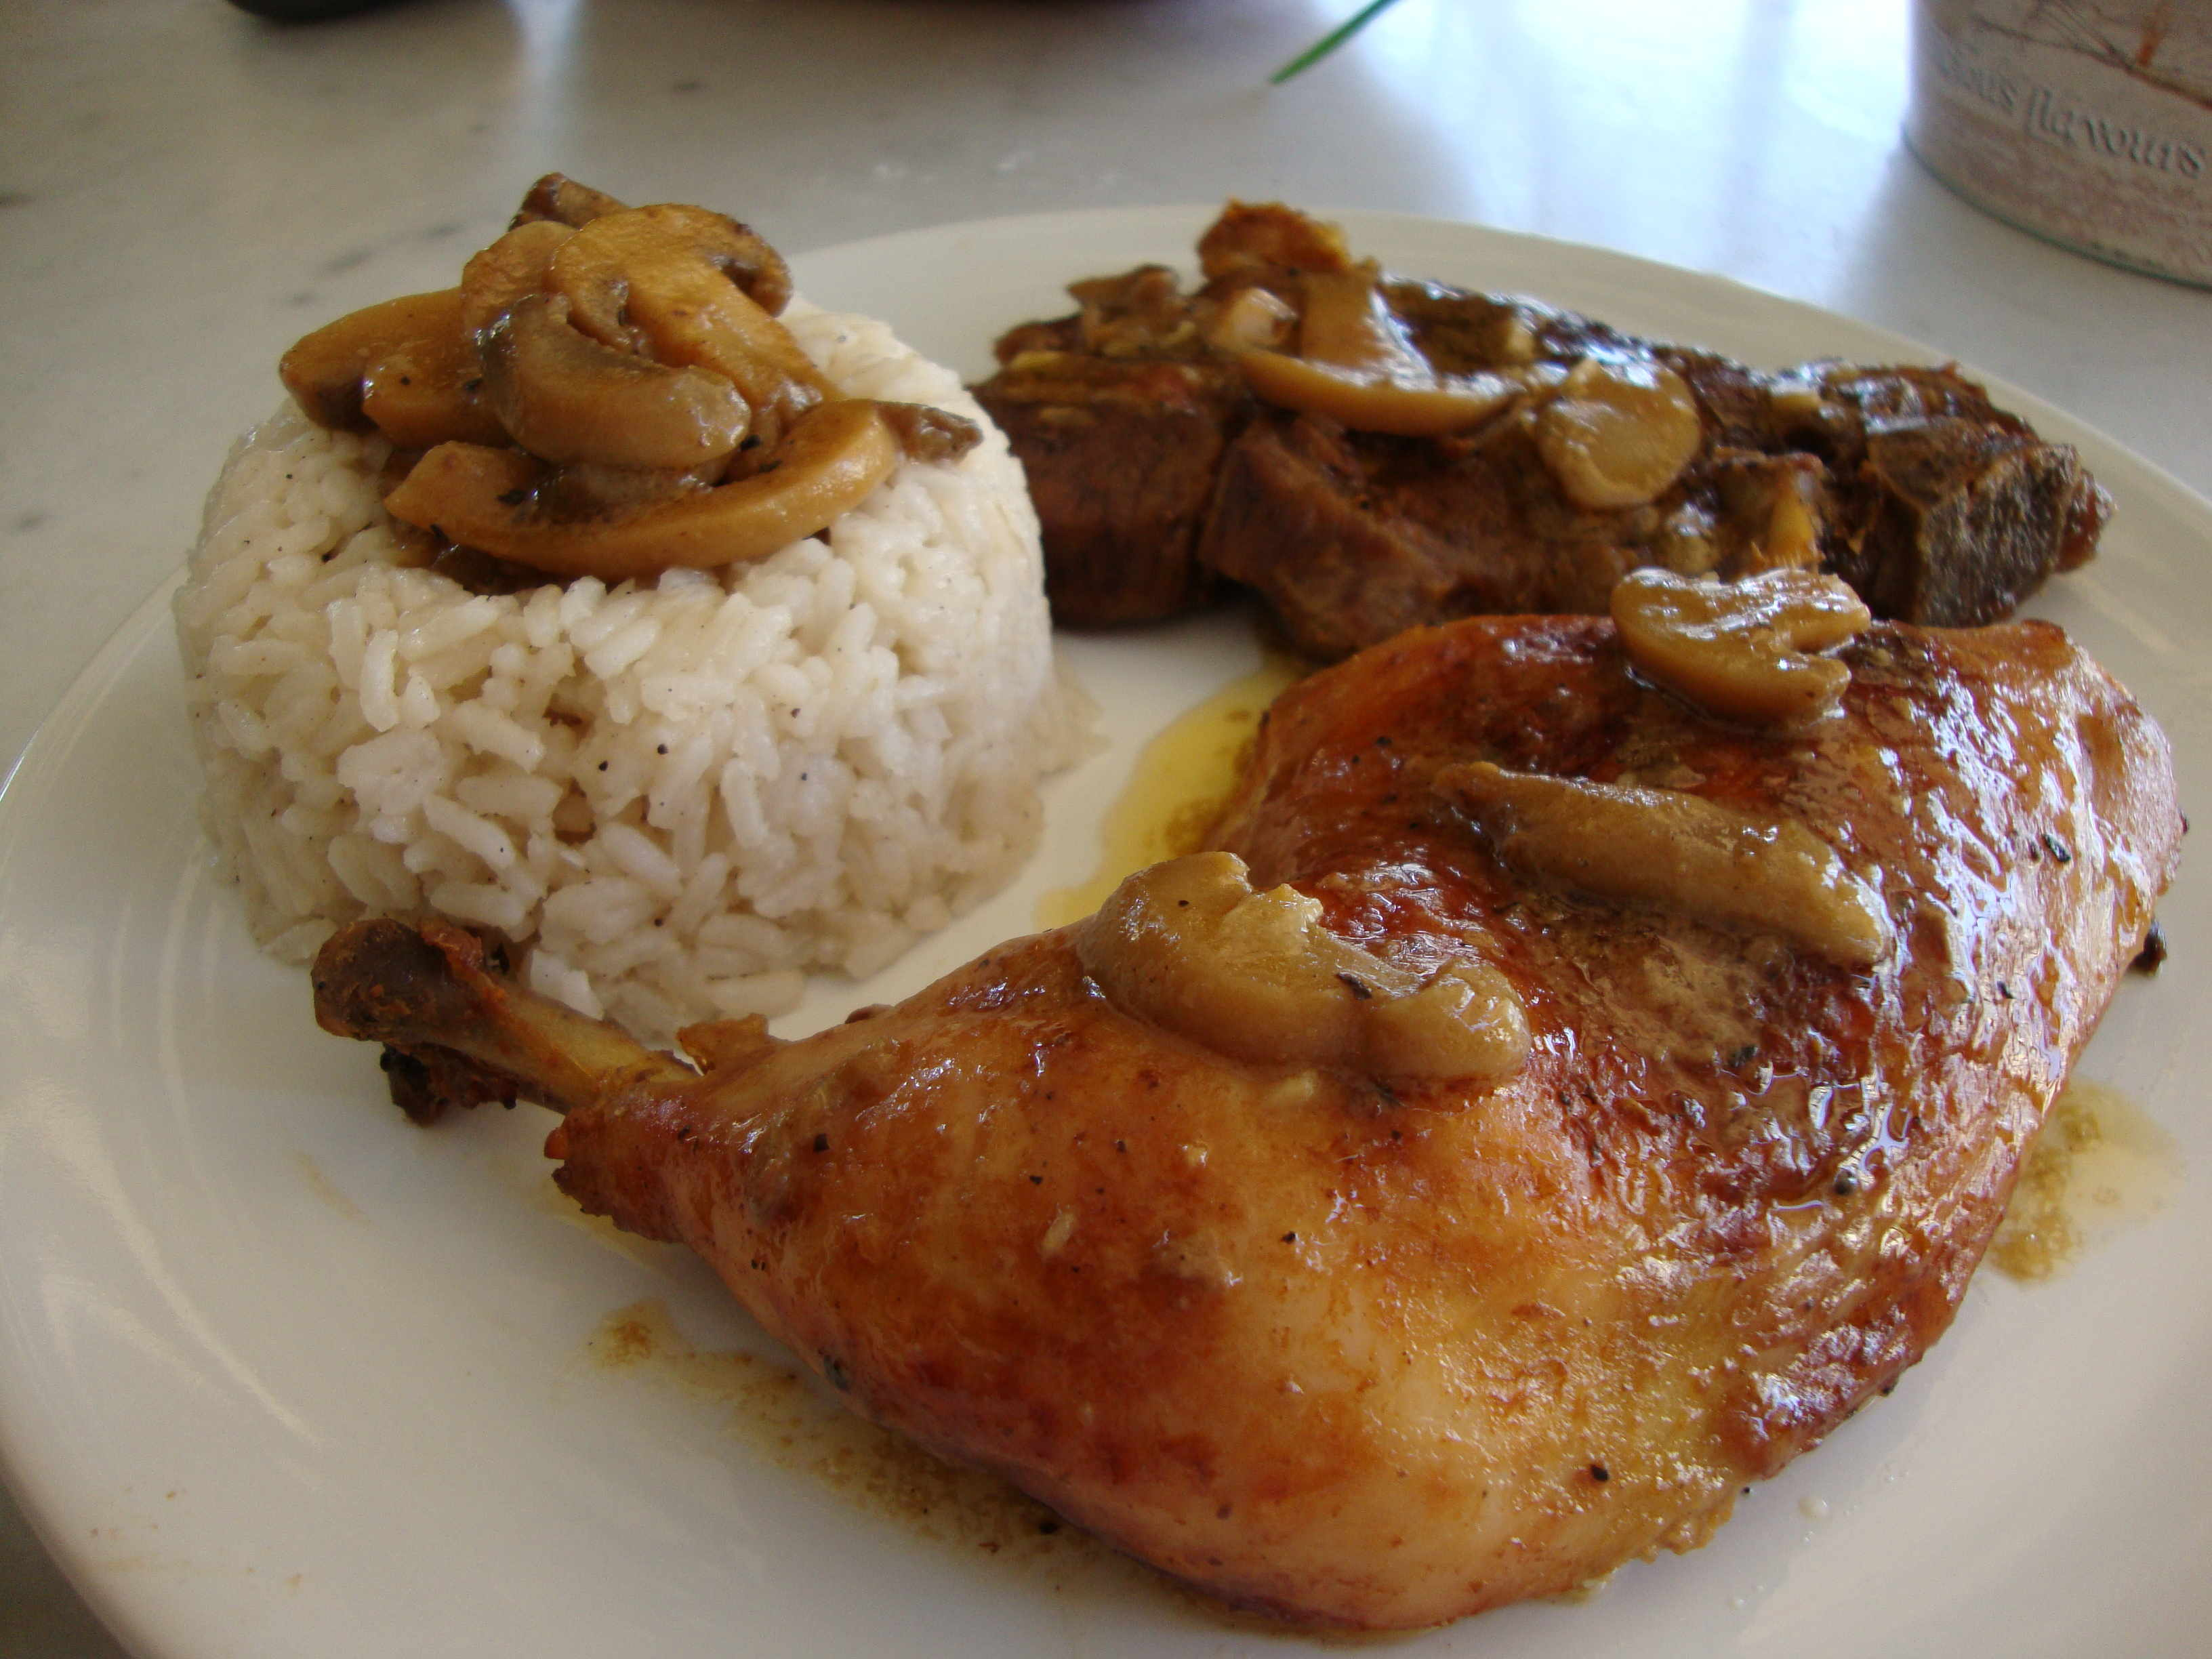 Μπουτάκια κοτόπουλο και χοιρινές λαιμού